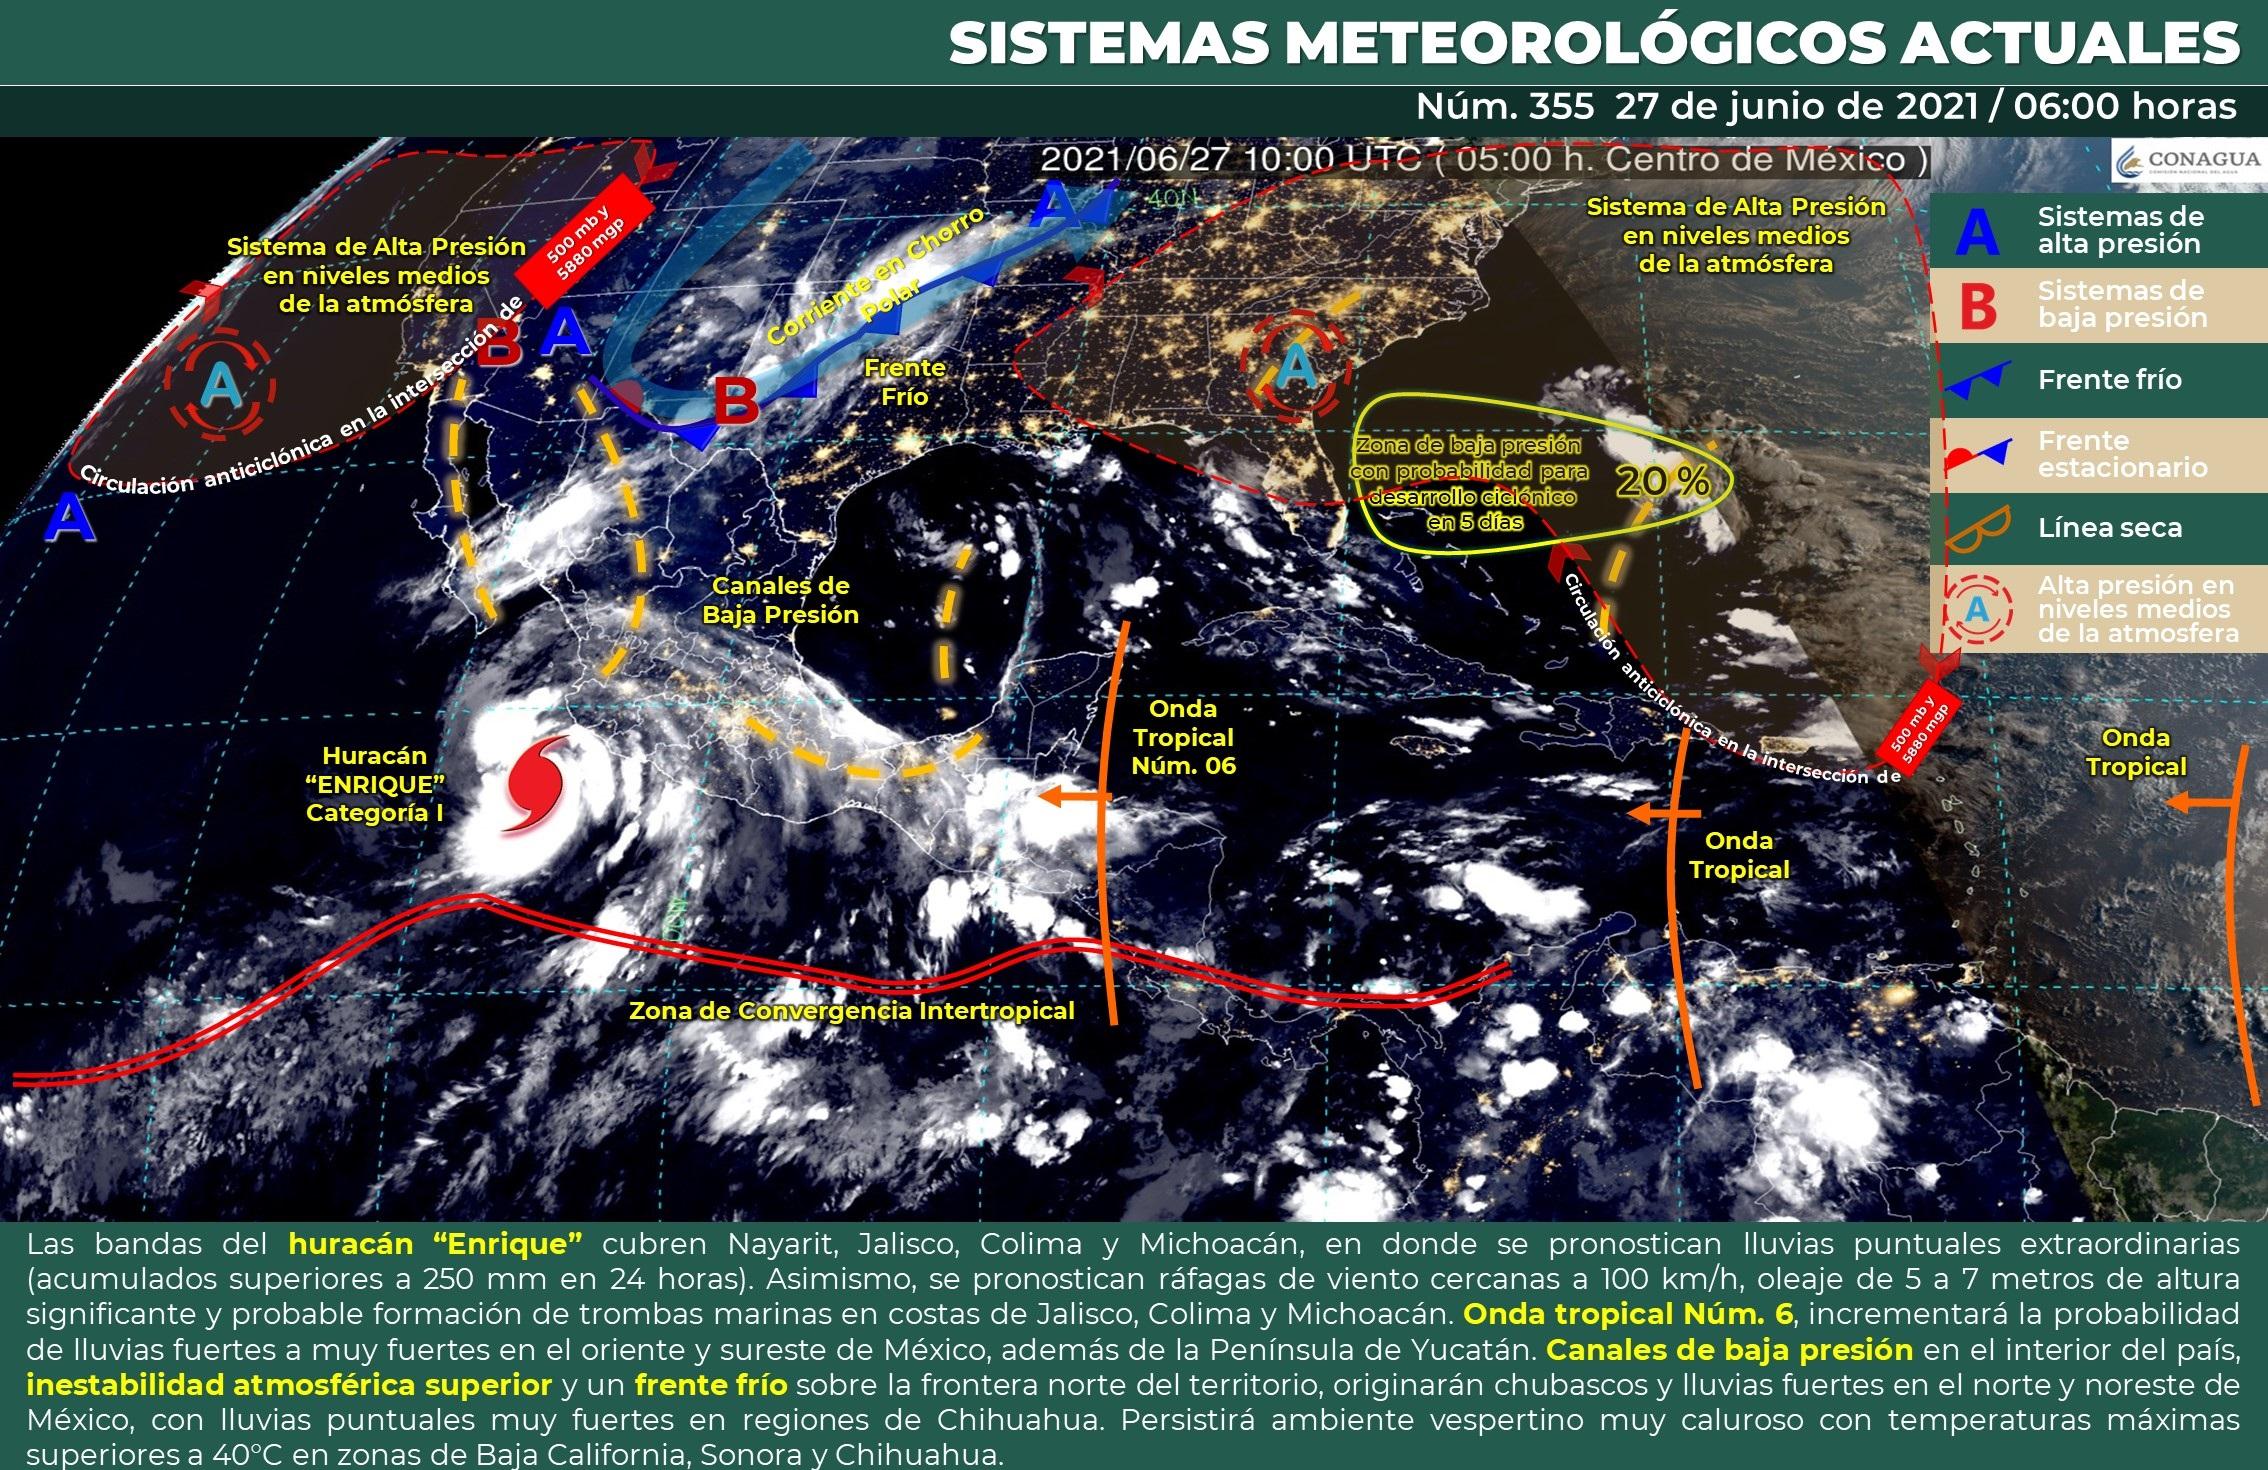 Huracán 'Enrique' deja lluvias en gran parte de México